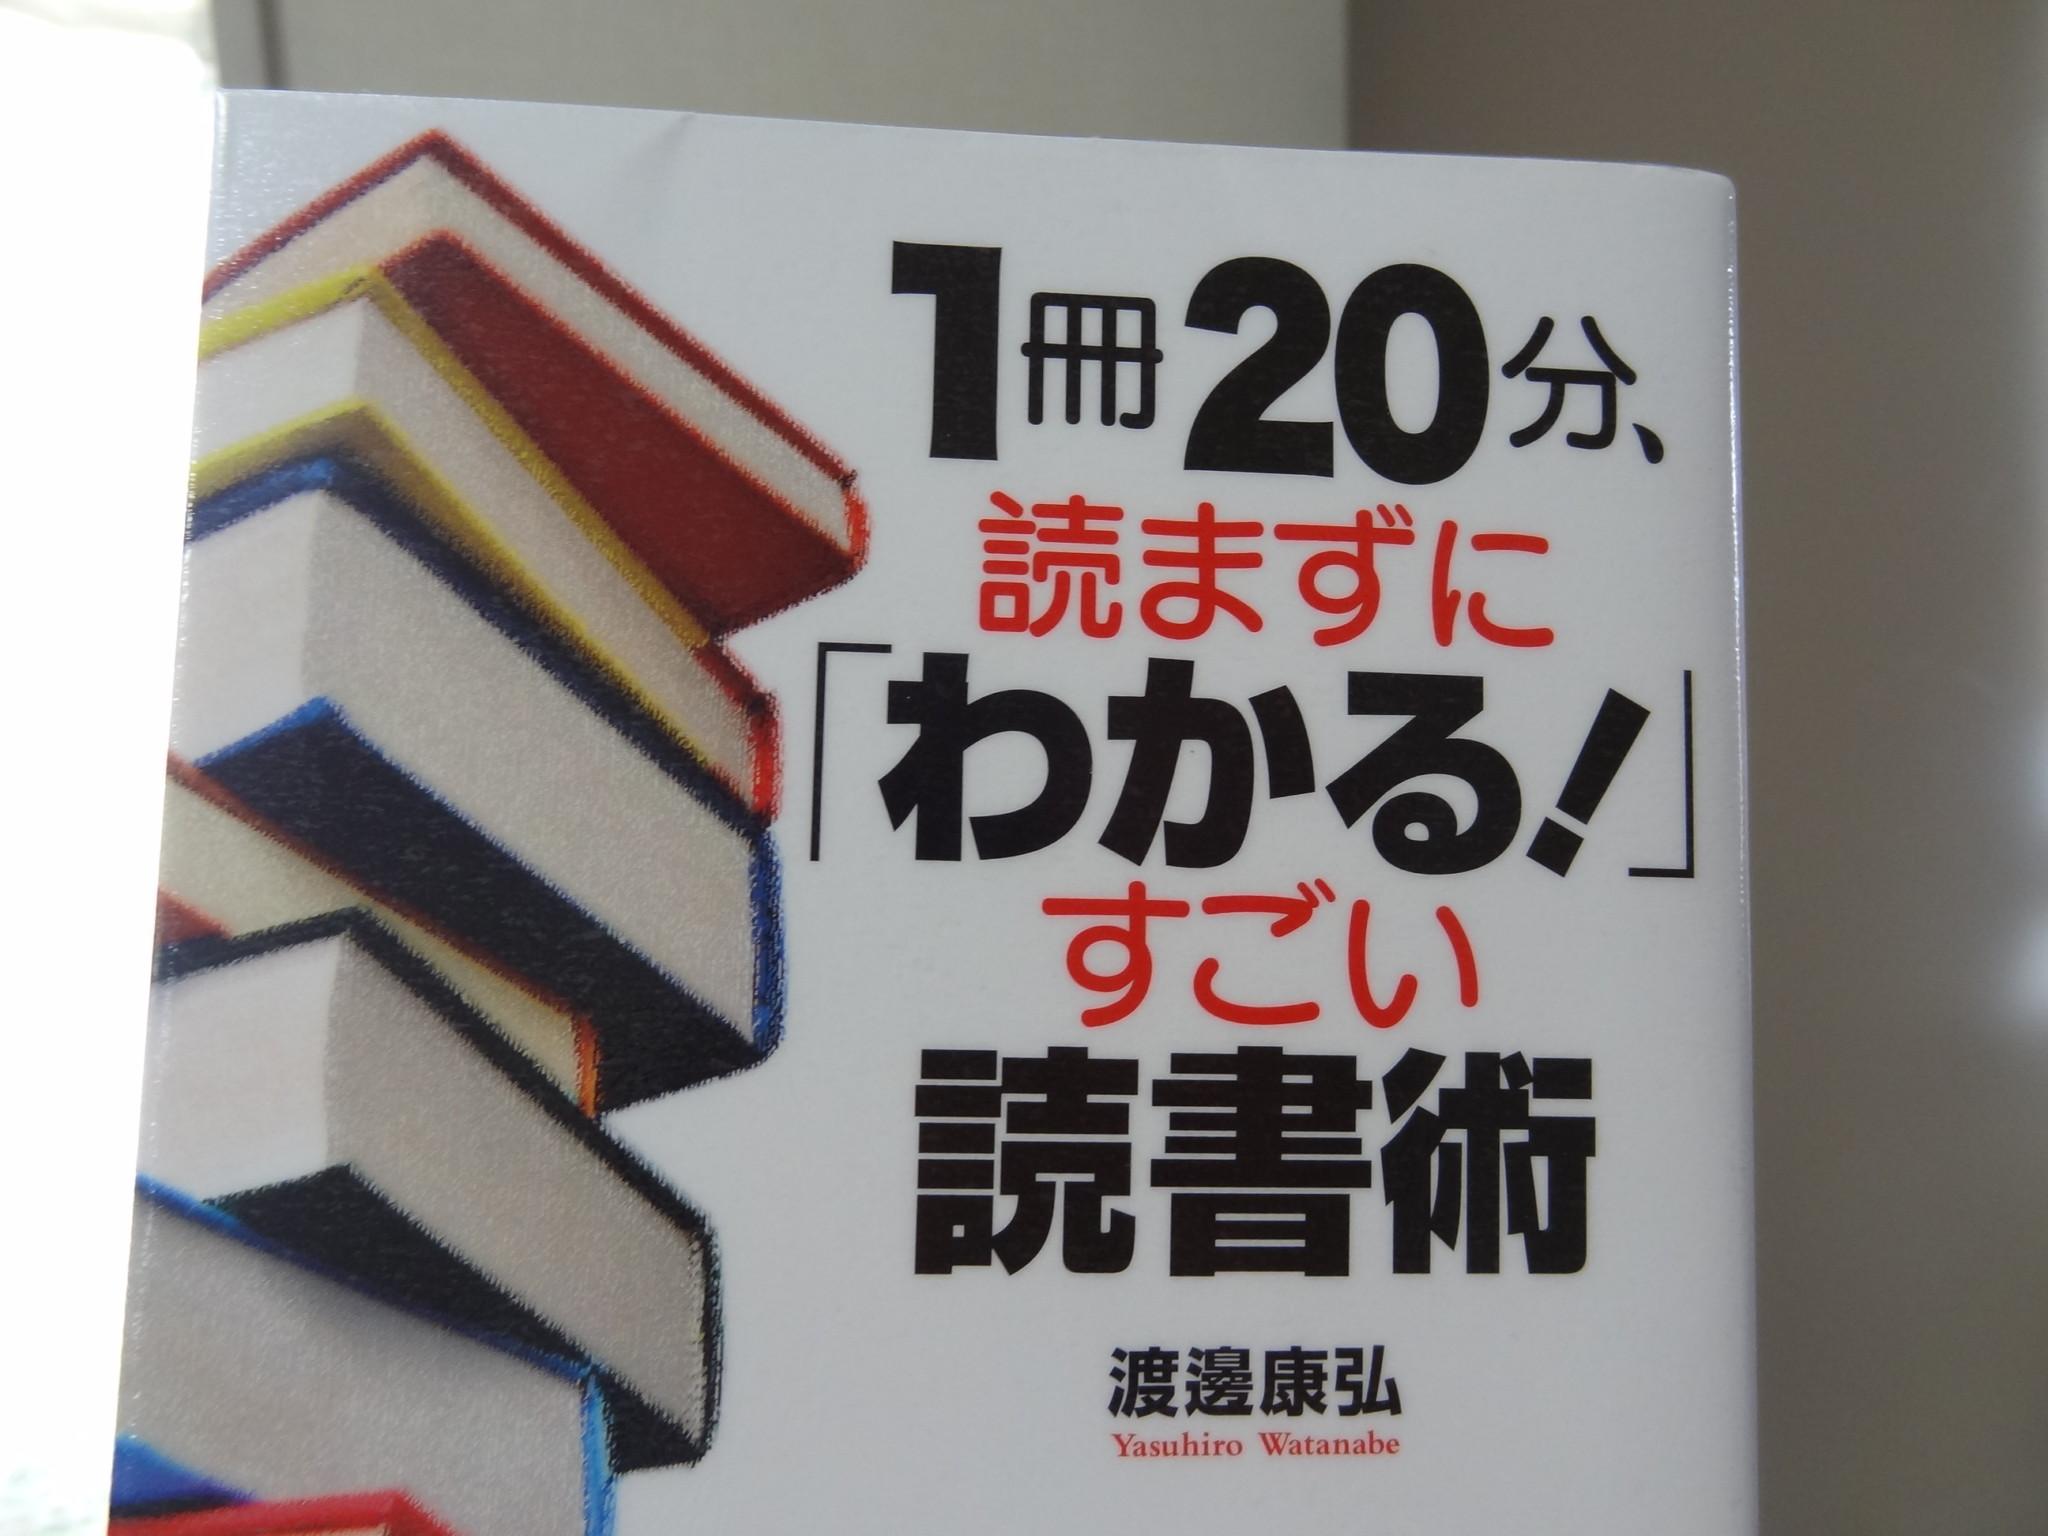 『1冊20分、読まずに「わかる!」すごい読書術』を読みました。